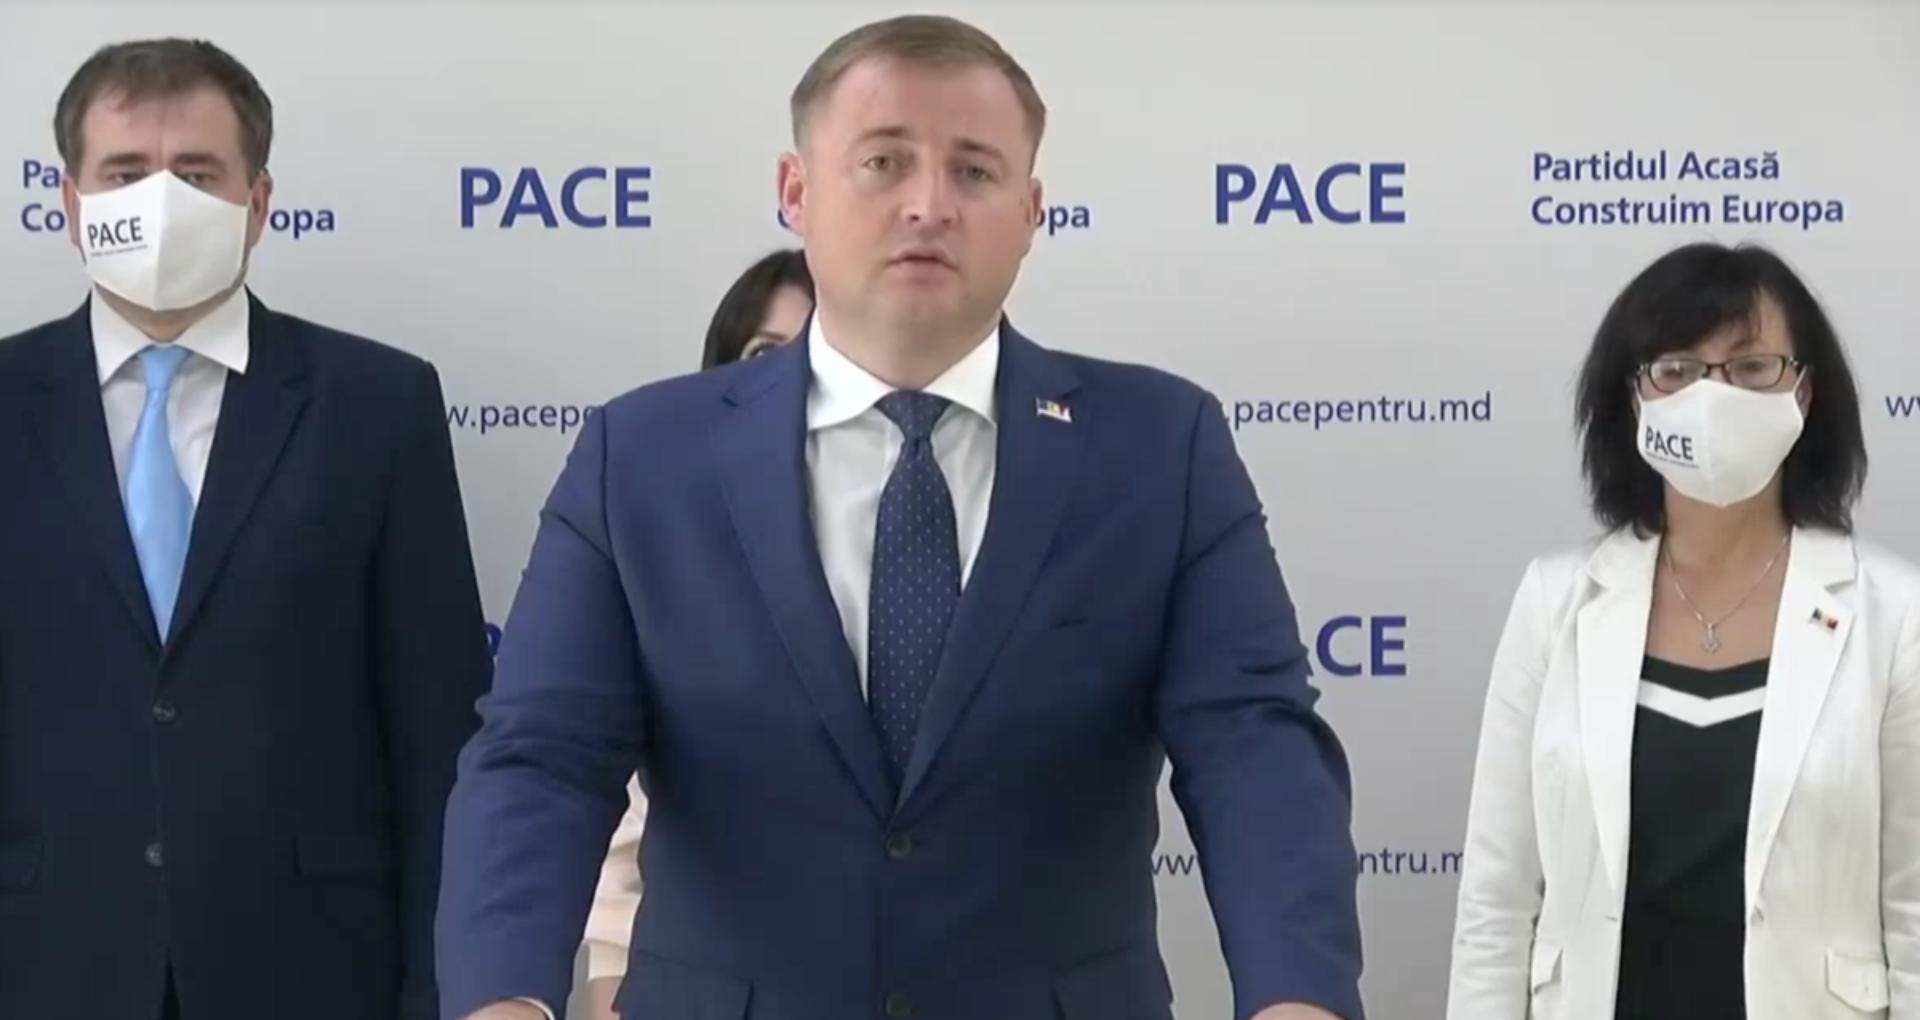 VIDEO/ PACE se plânge de abuzuri din partea instanței și CEC pentru că nu i se permite să-și înregistreze propriul candidat la prezidențiale